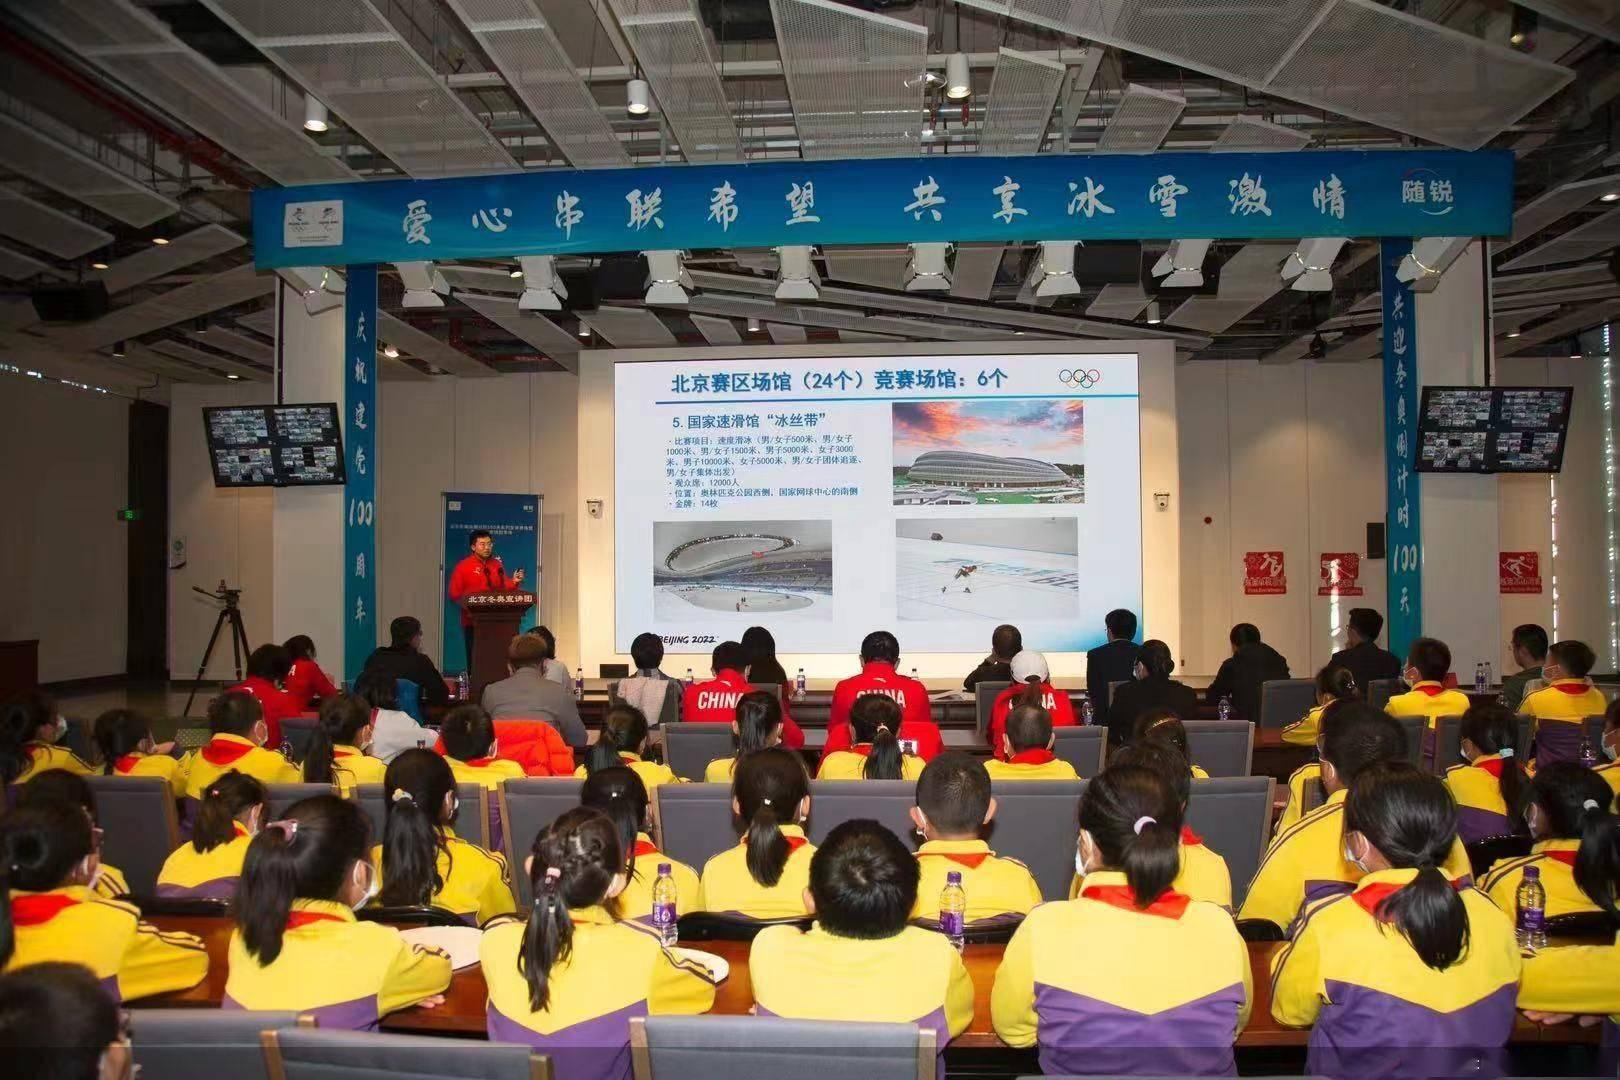 北京冬奥会倒计时100天系列宣讲首场活动在100所中小学启动